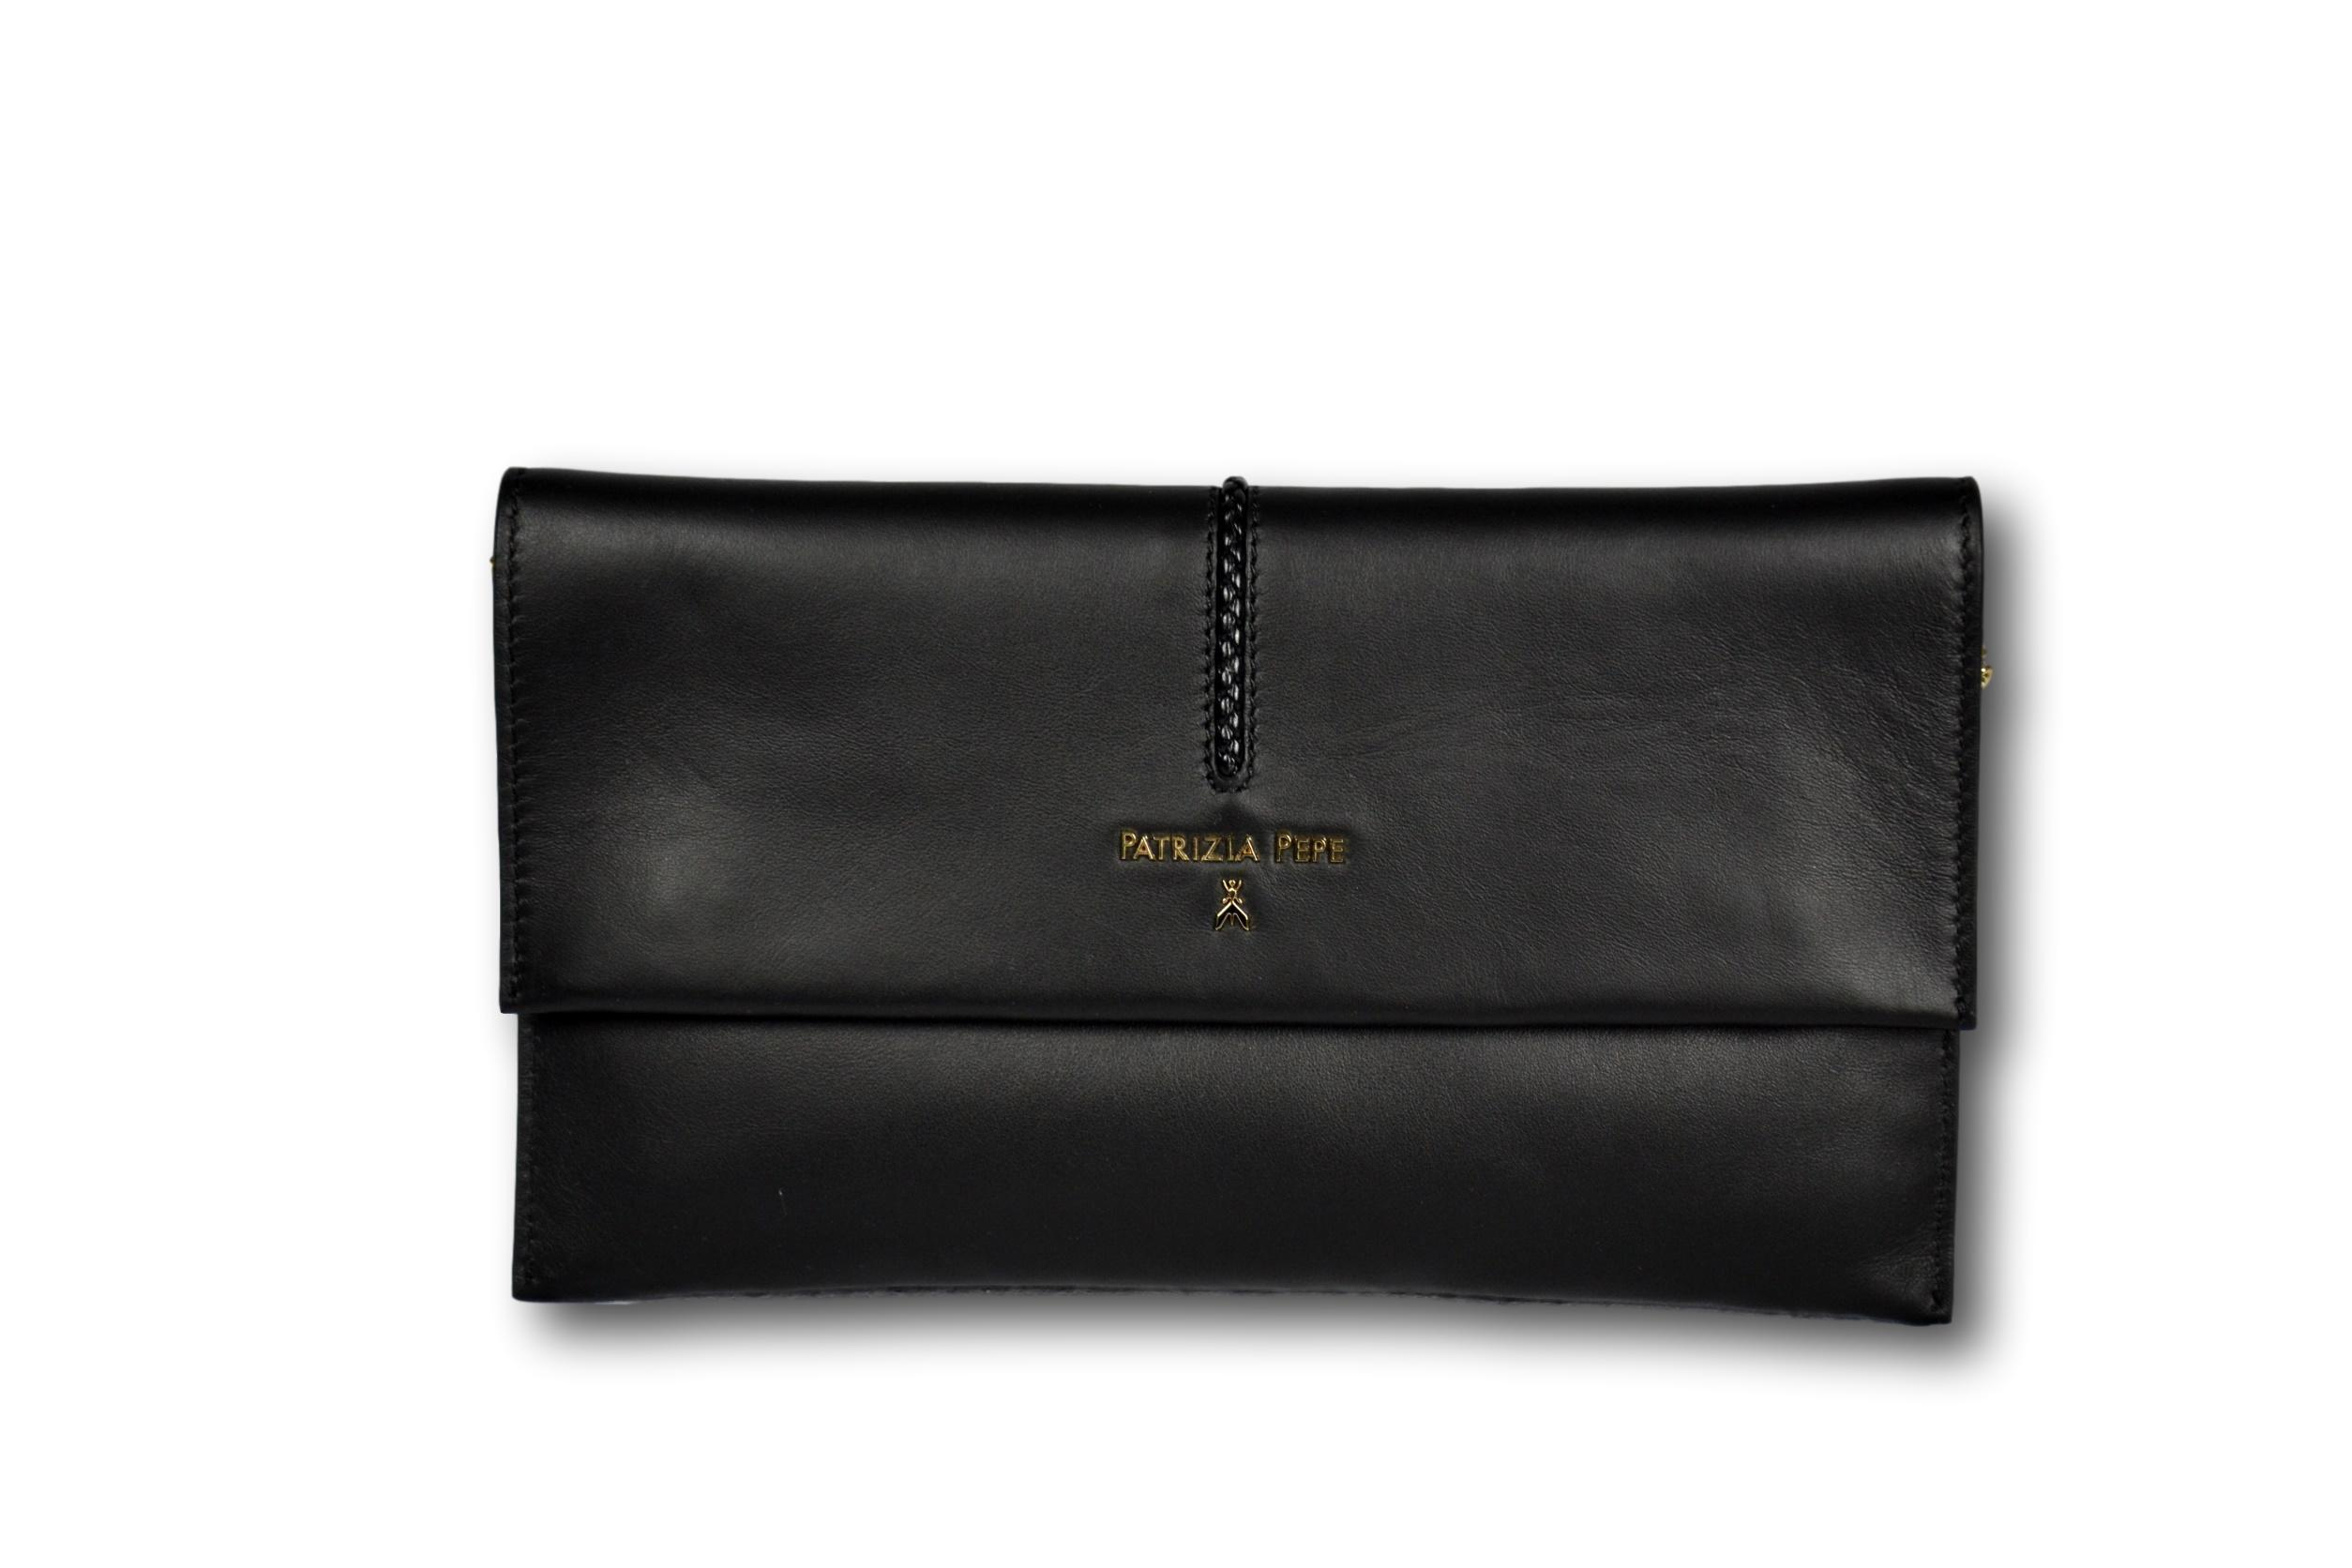 35bc263b2ae01 PATRIZIA PEPE Borsa Donna Nera Liscia Woman Bag Tracolla Catena Oro ...